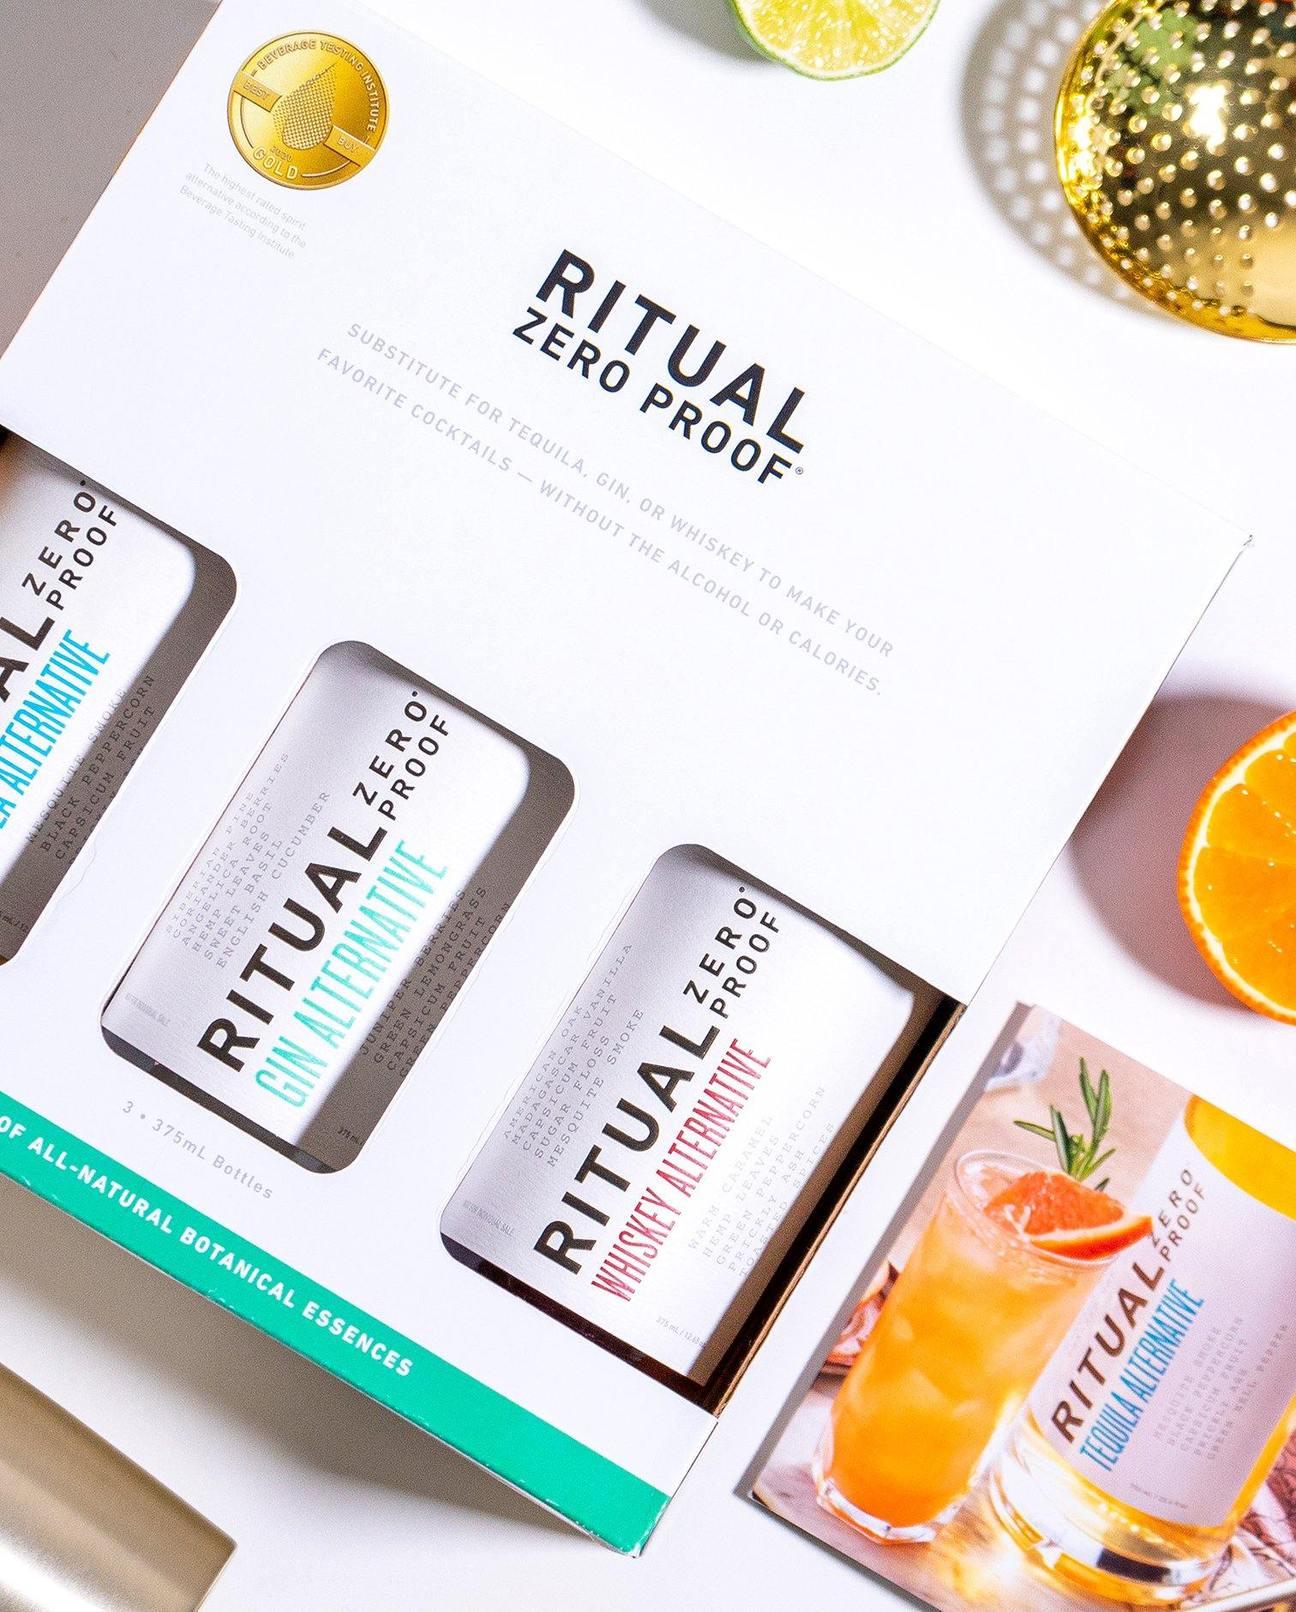 ritual zero proof variety pack